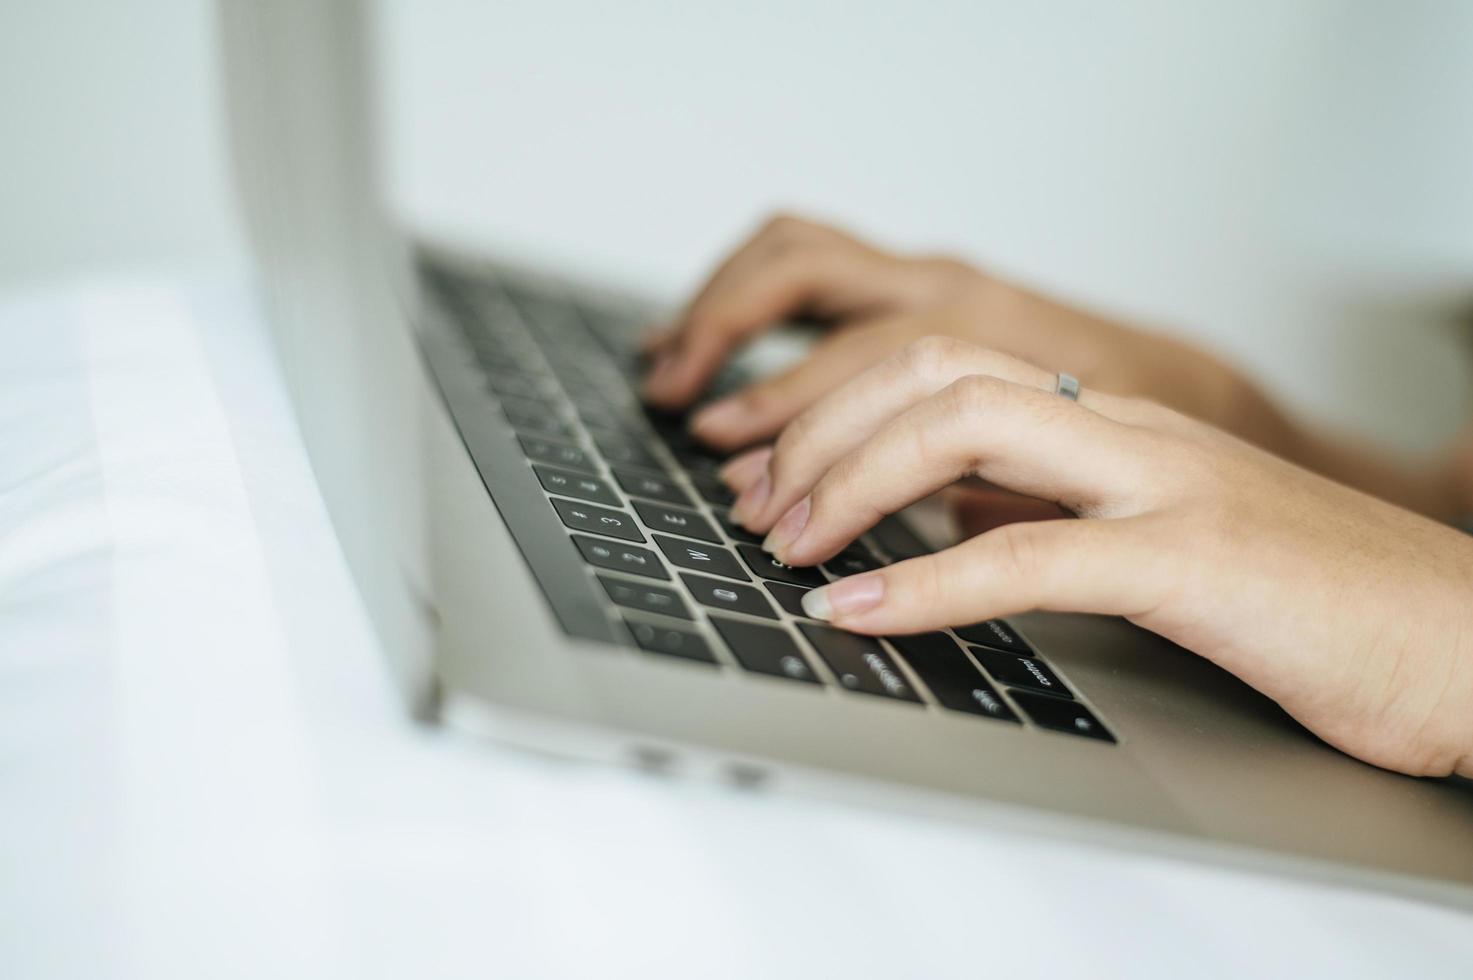 mains de femme tapant sur ordinateur portable photo